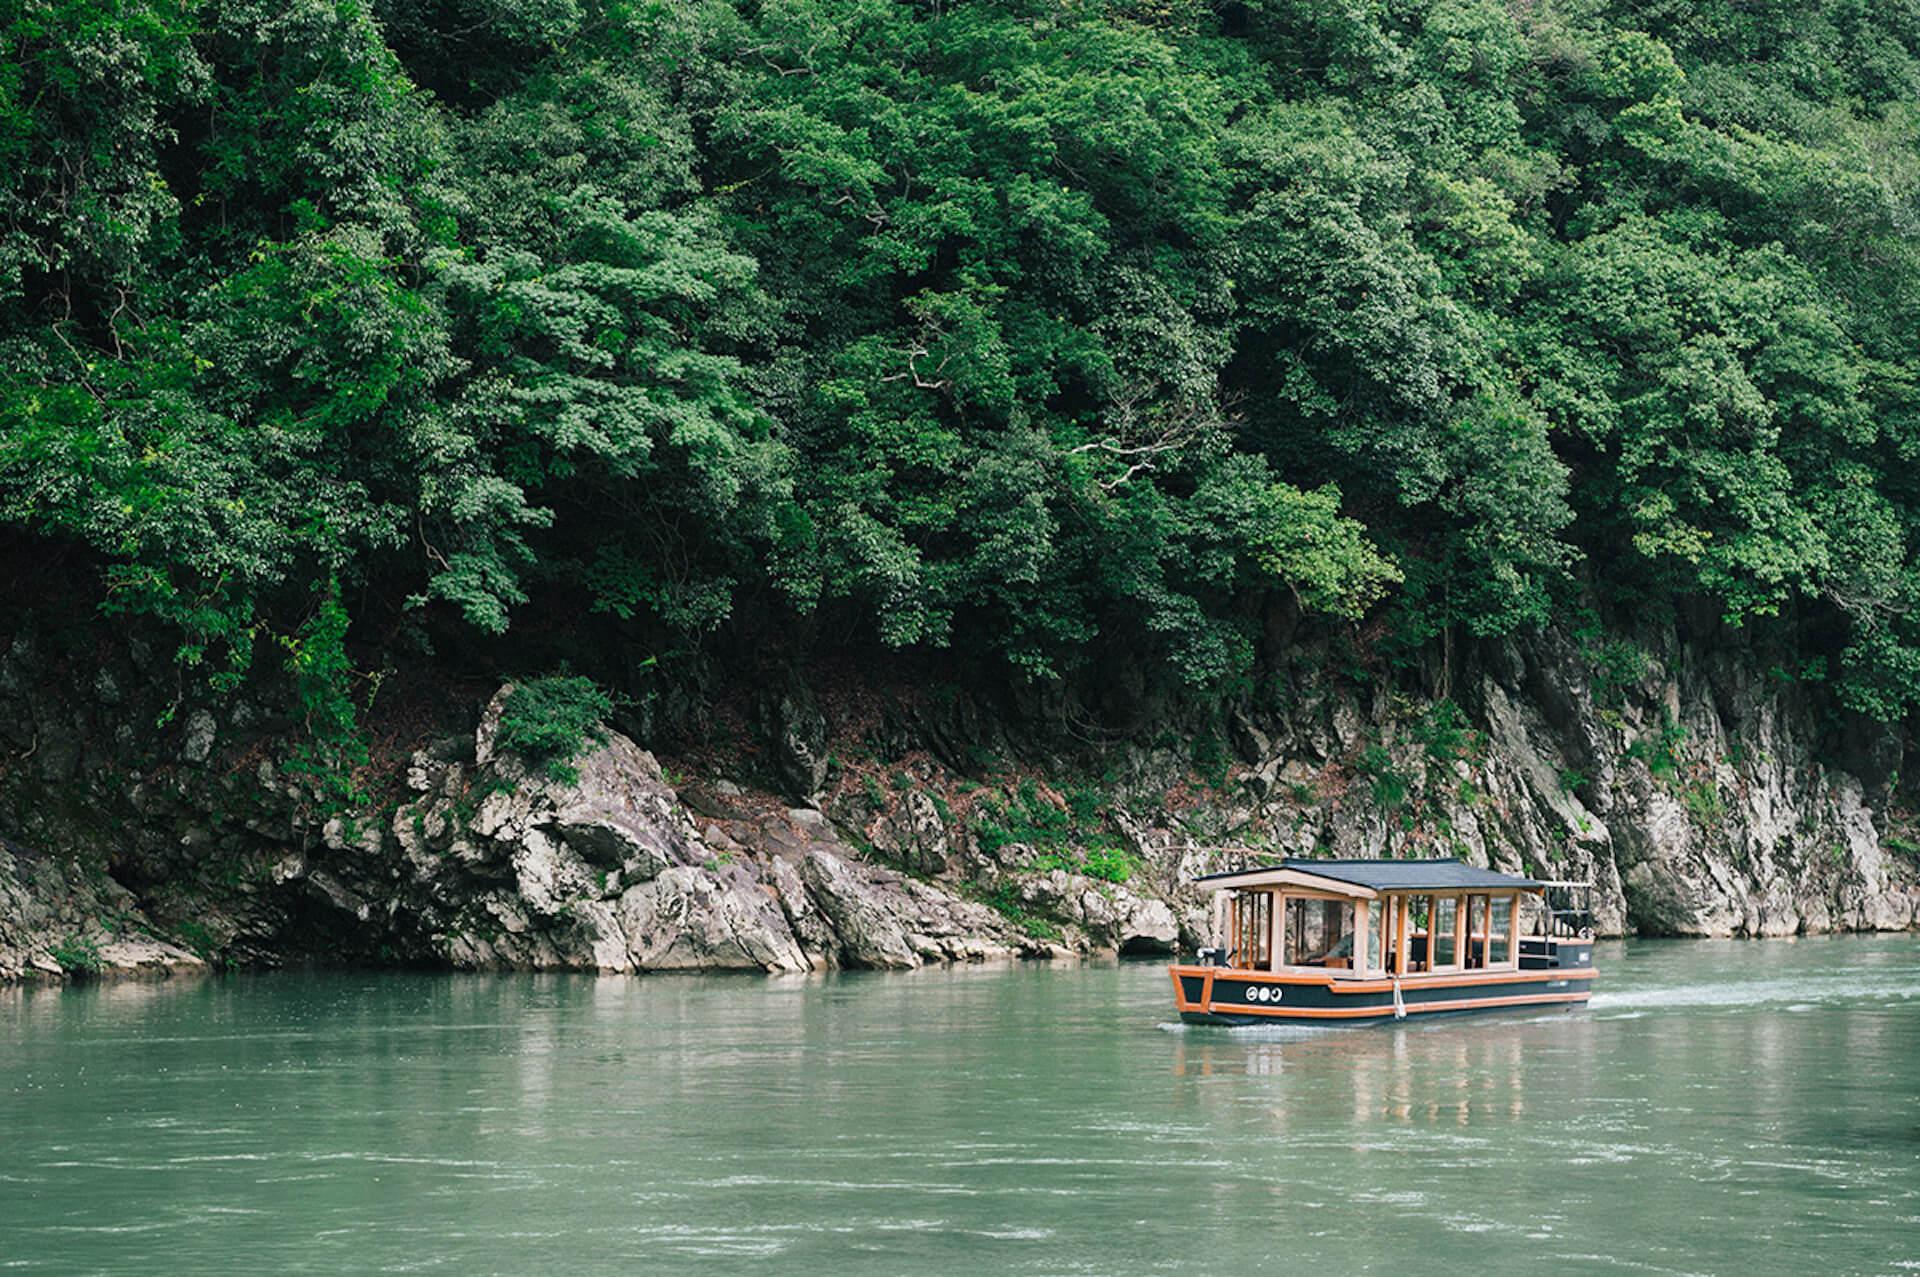 京都・嵐山から舟で非日常へトリップ! 水辺のラグジュアリーホテル『星のや京都』で極上体験 4